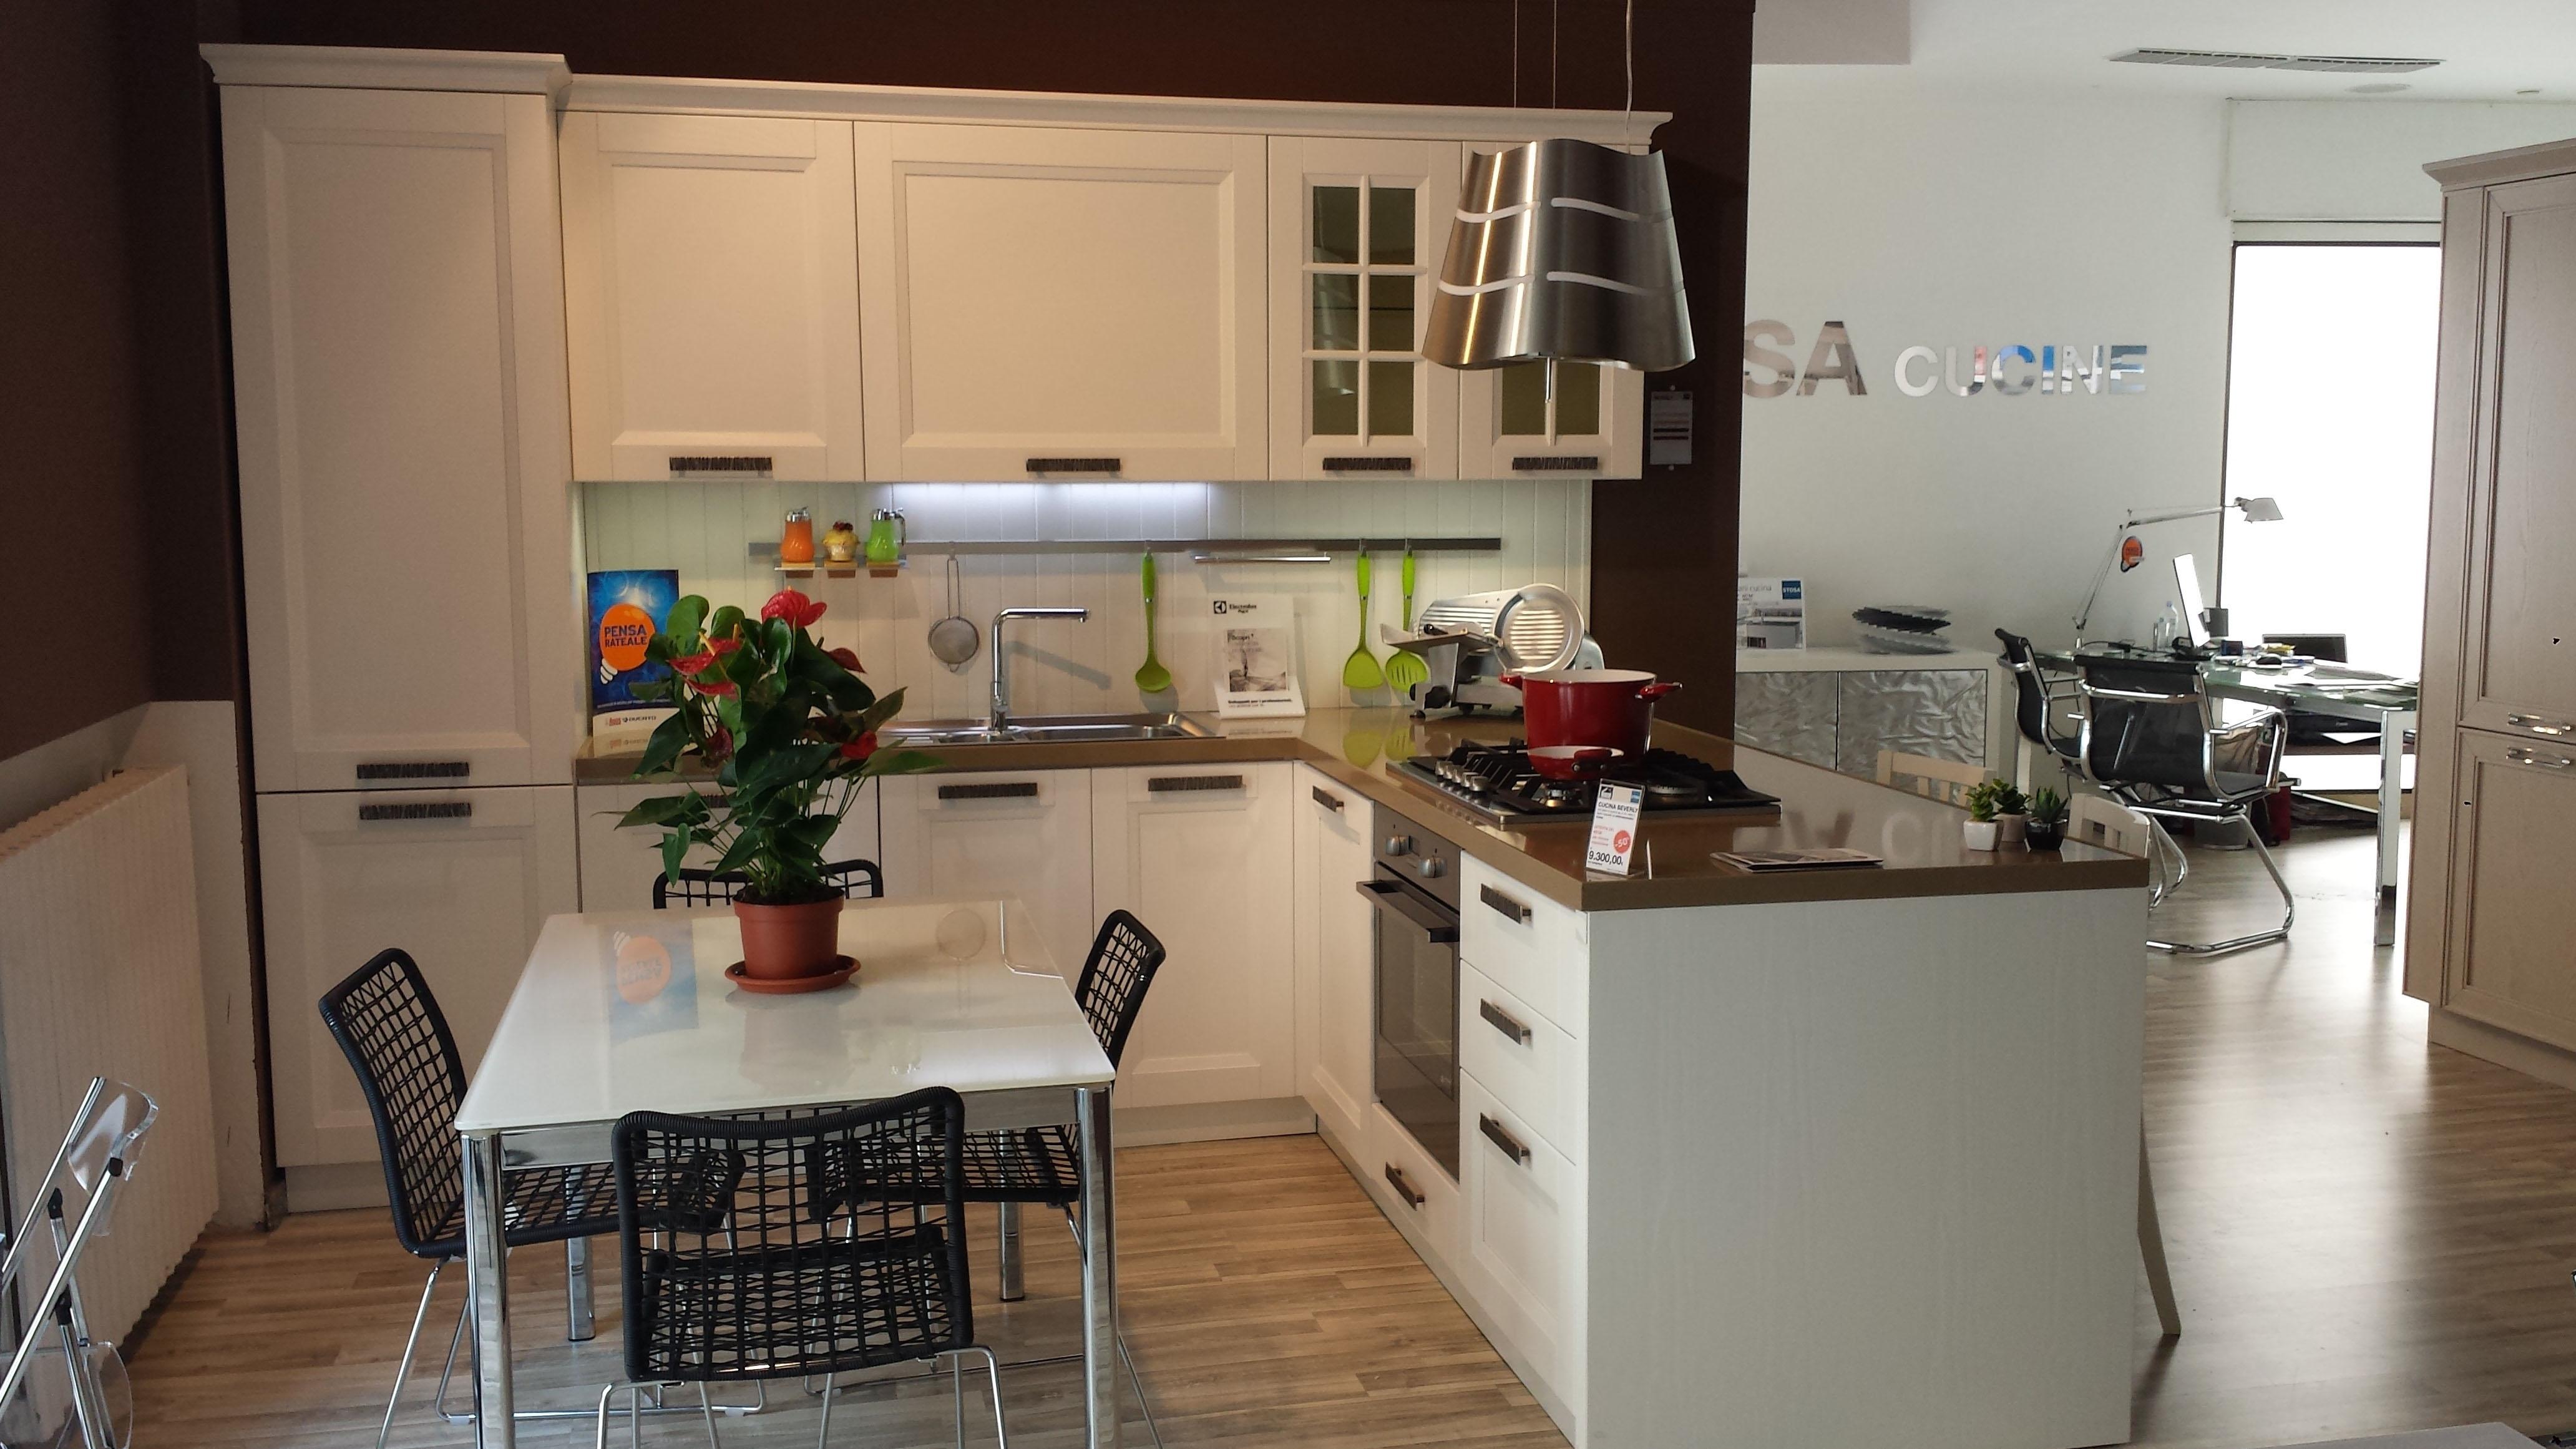 Cucina Stosa BEVERLY In Offerta Esposizione Cucine A Prezzi Scontati #395E73 4128 2322 Cucine Classiche Con Dispensa